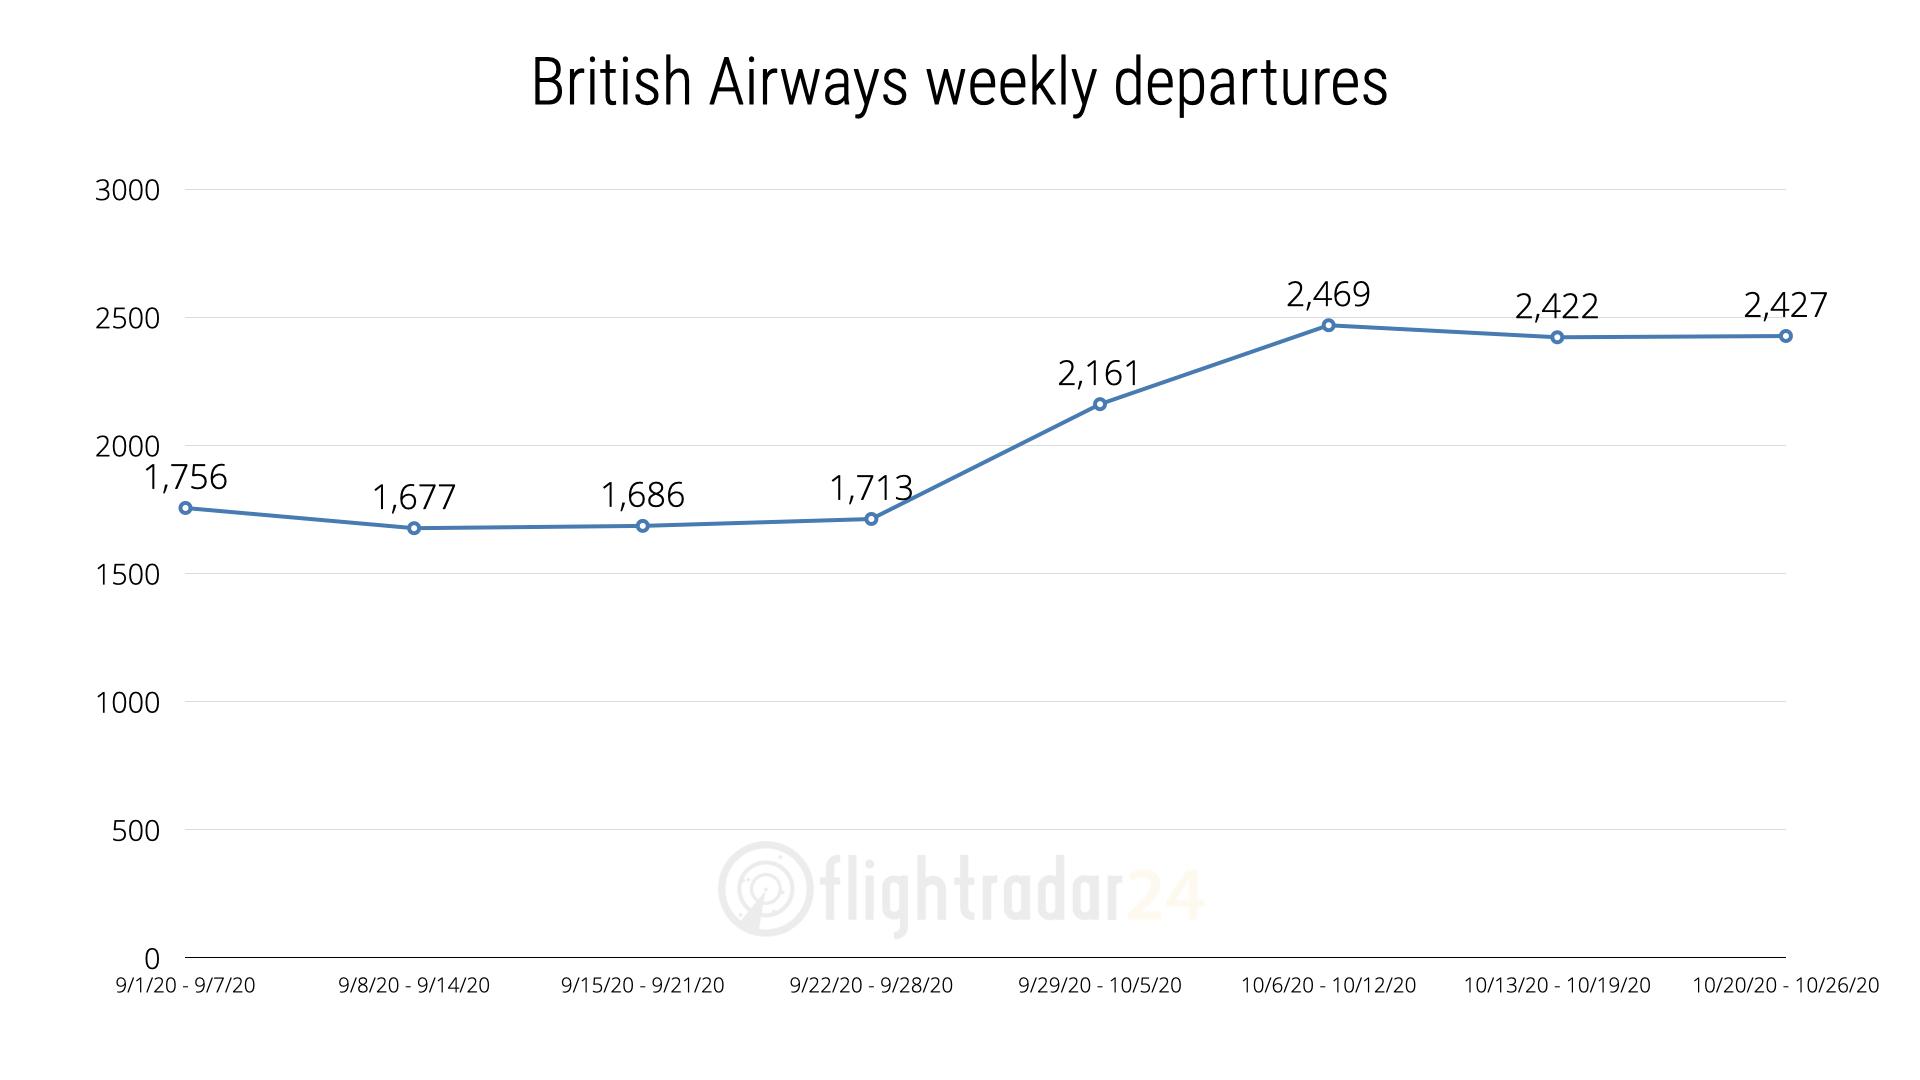 Weekly British Airways Departures